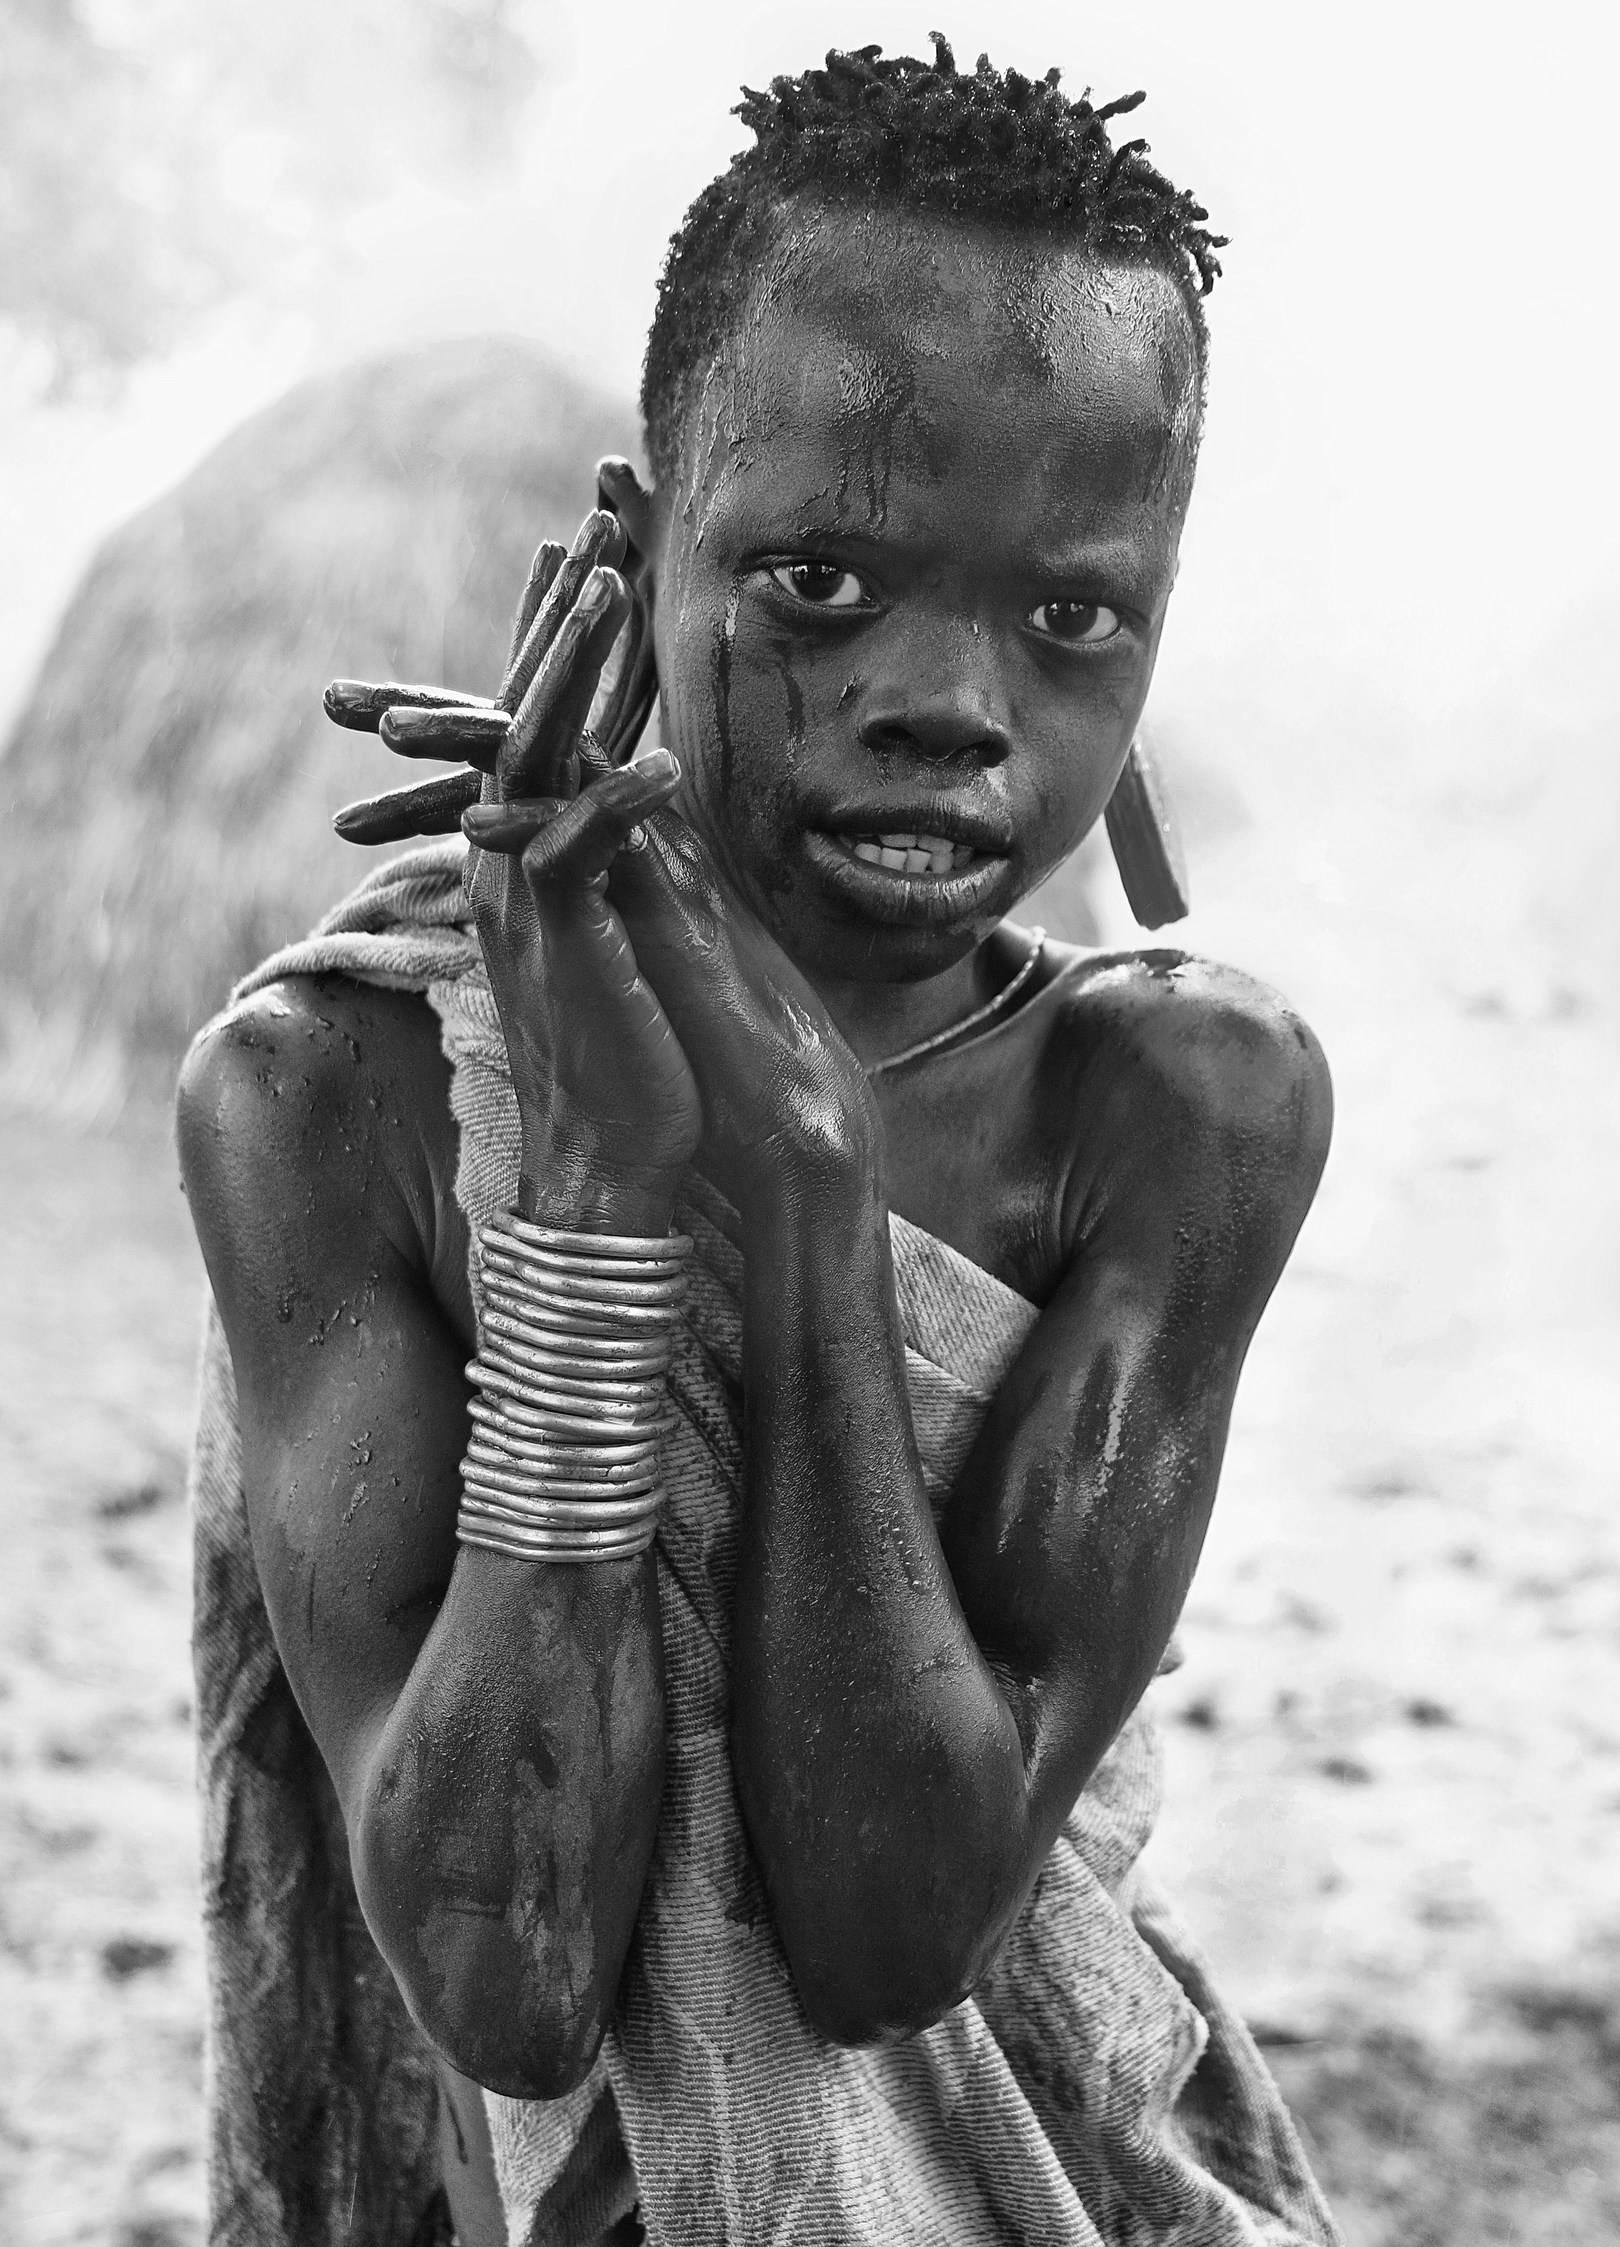 Девочка из племени Мурси под дождём